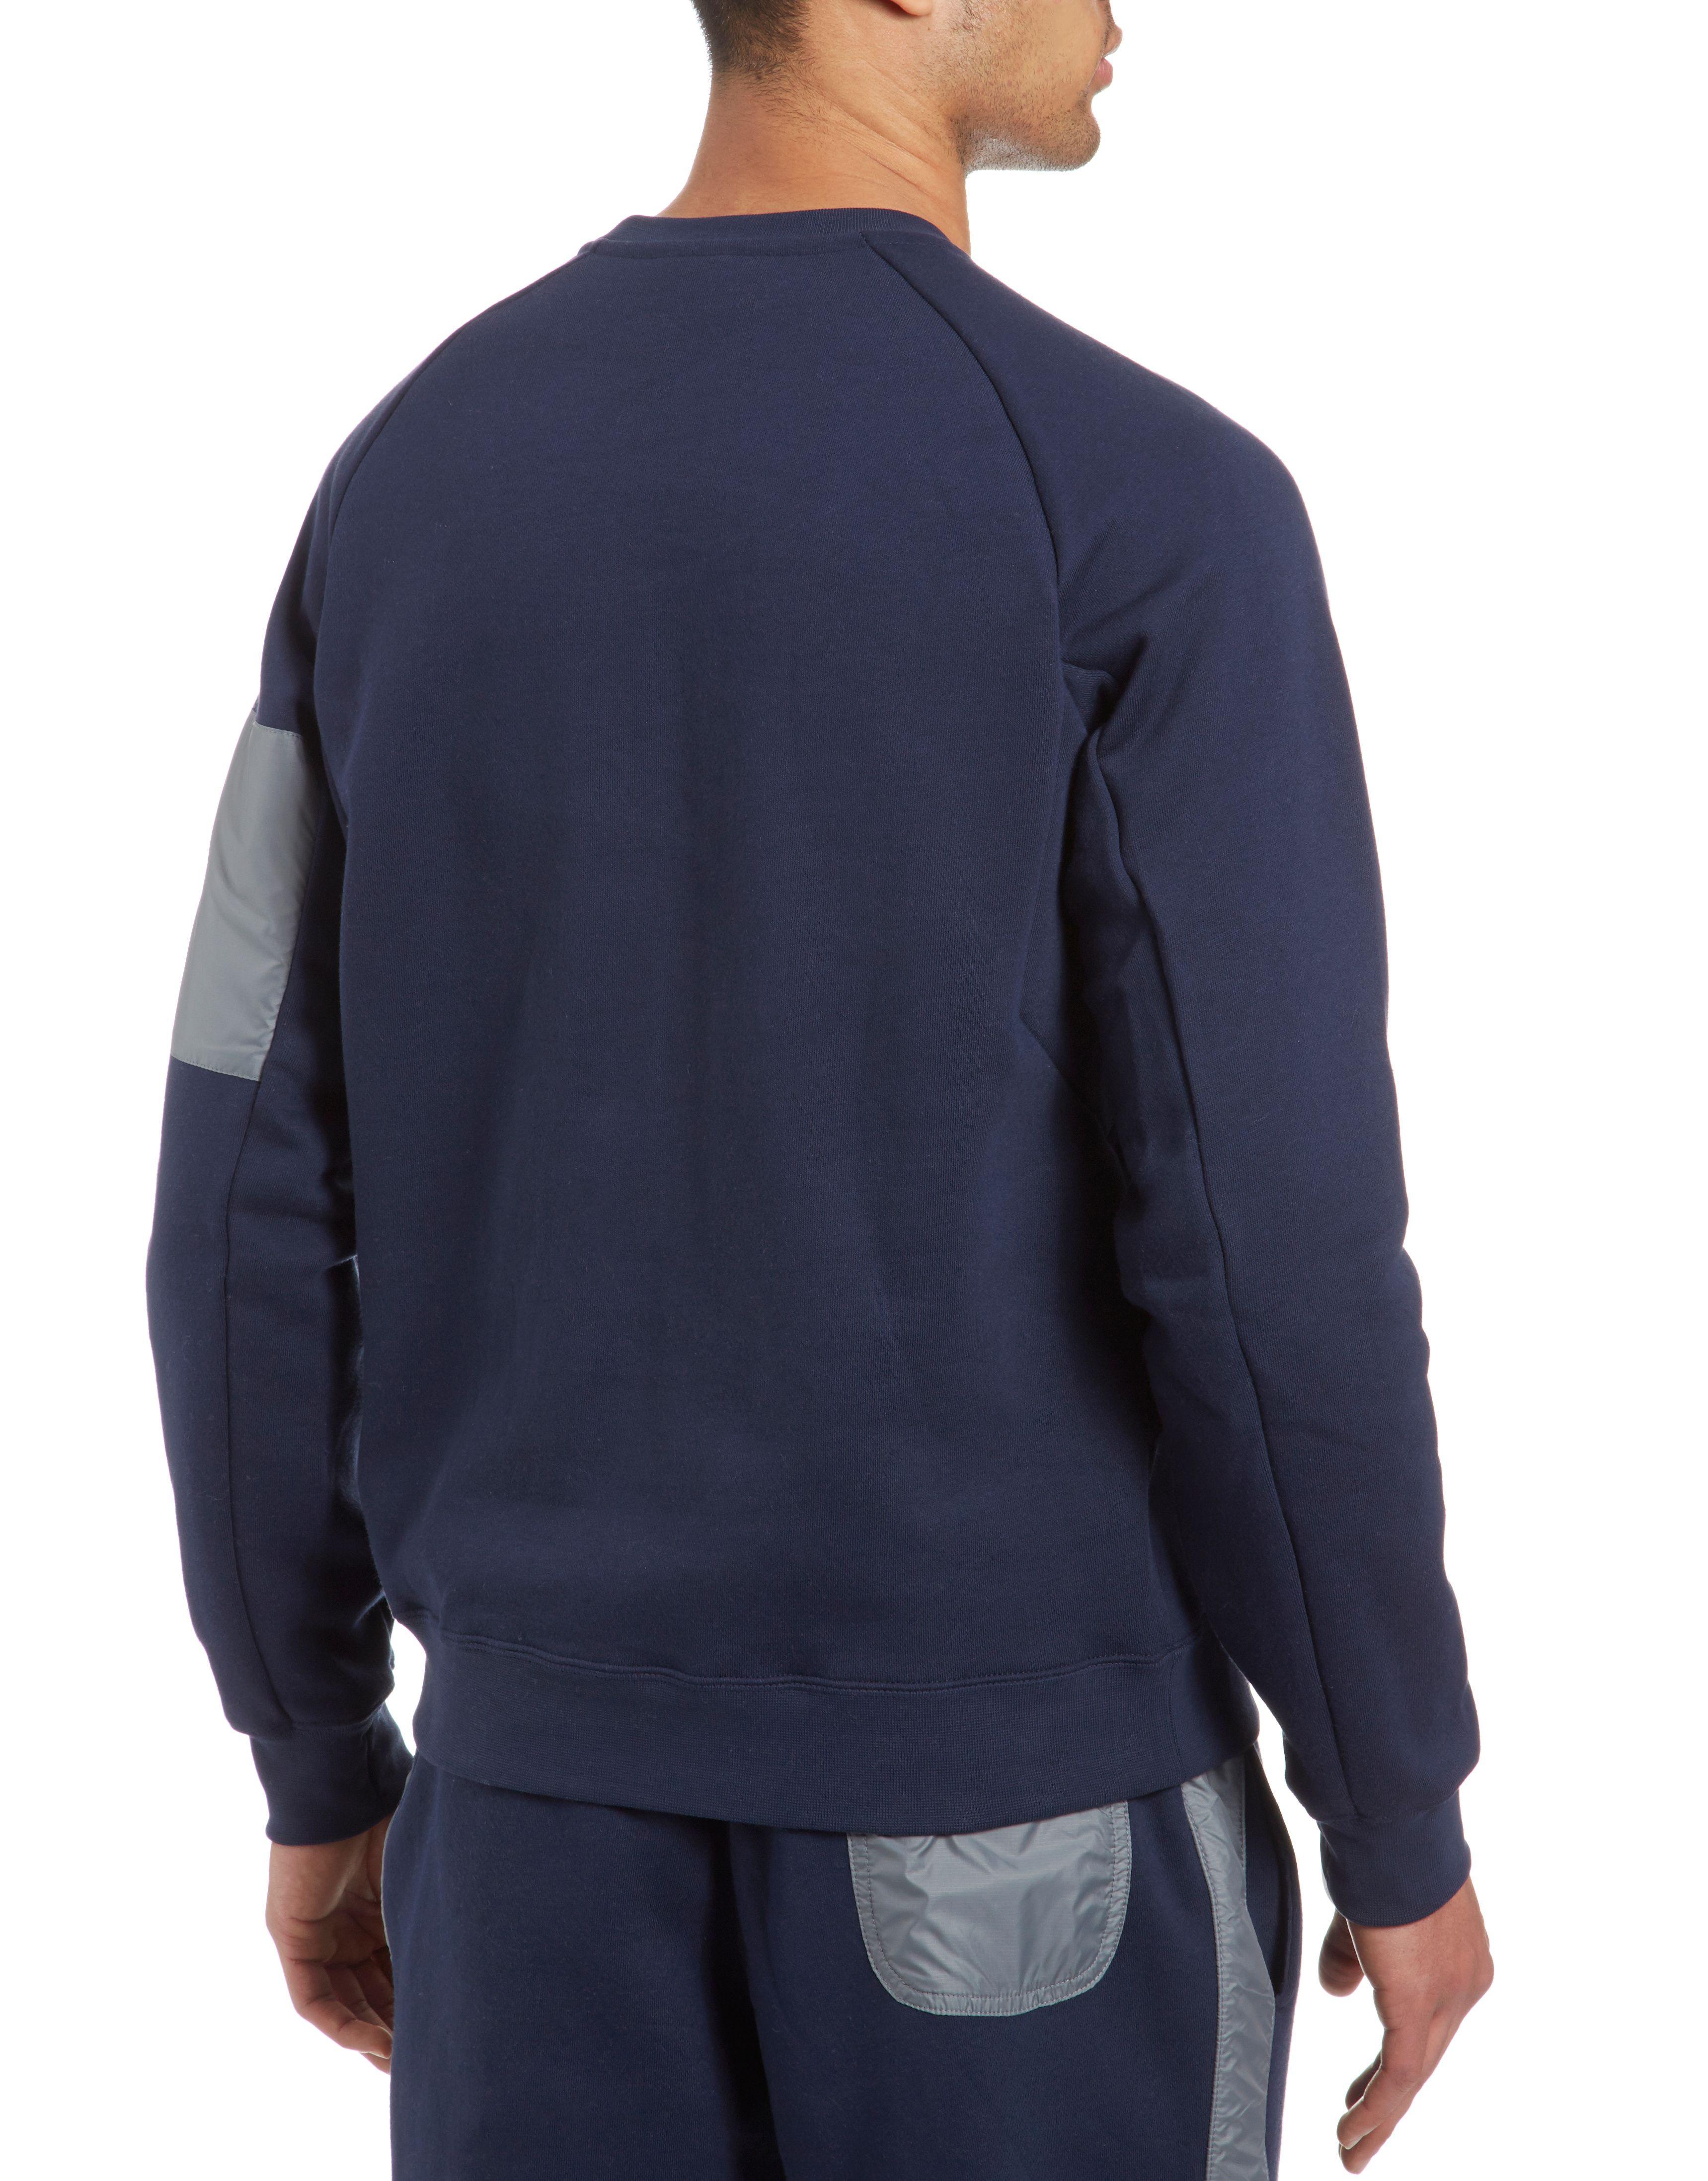 Nike GPX Crew Sweatshirt